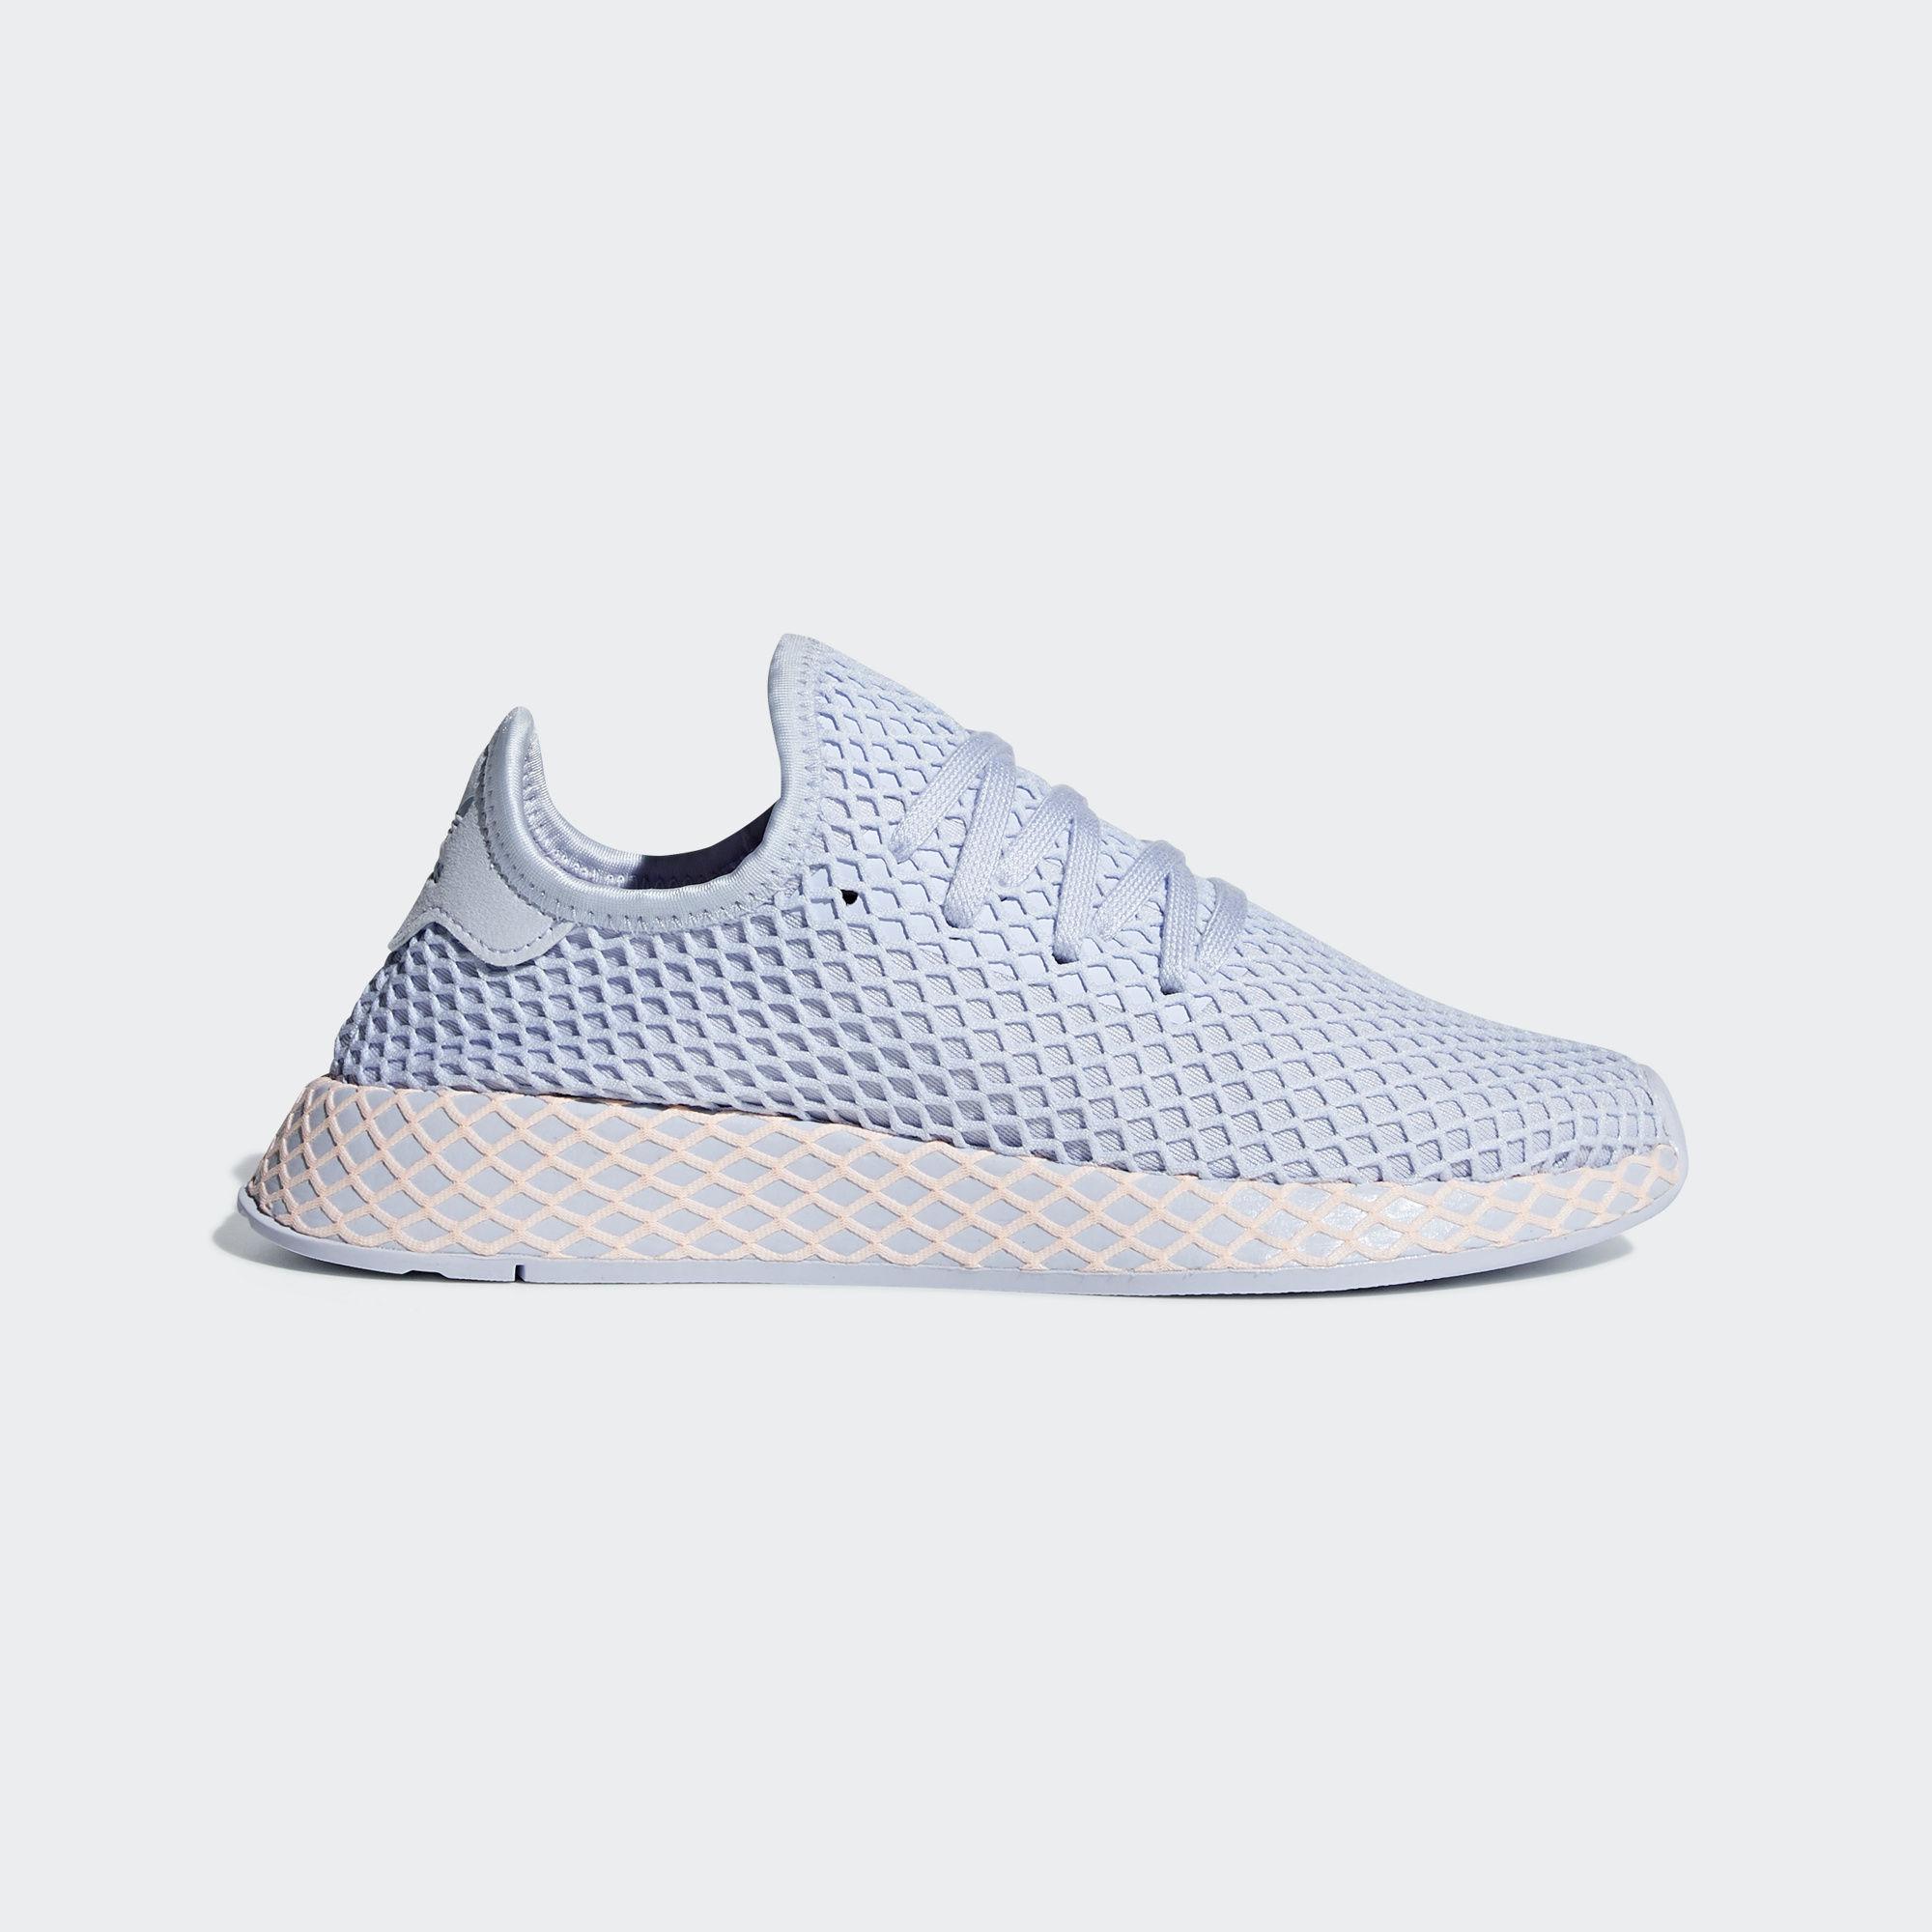 Adidas Deerupt Runner B37878